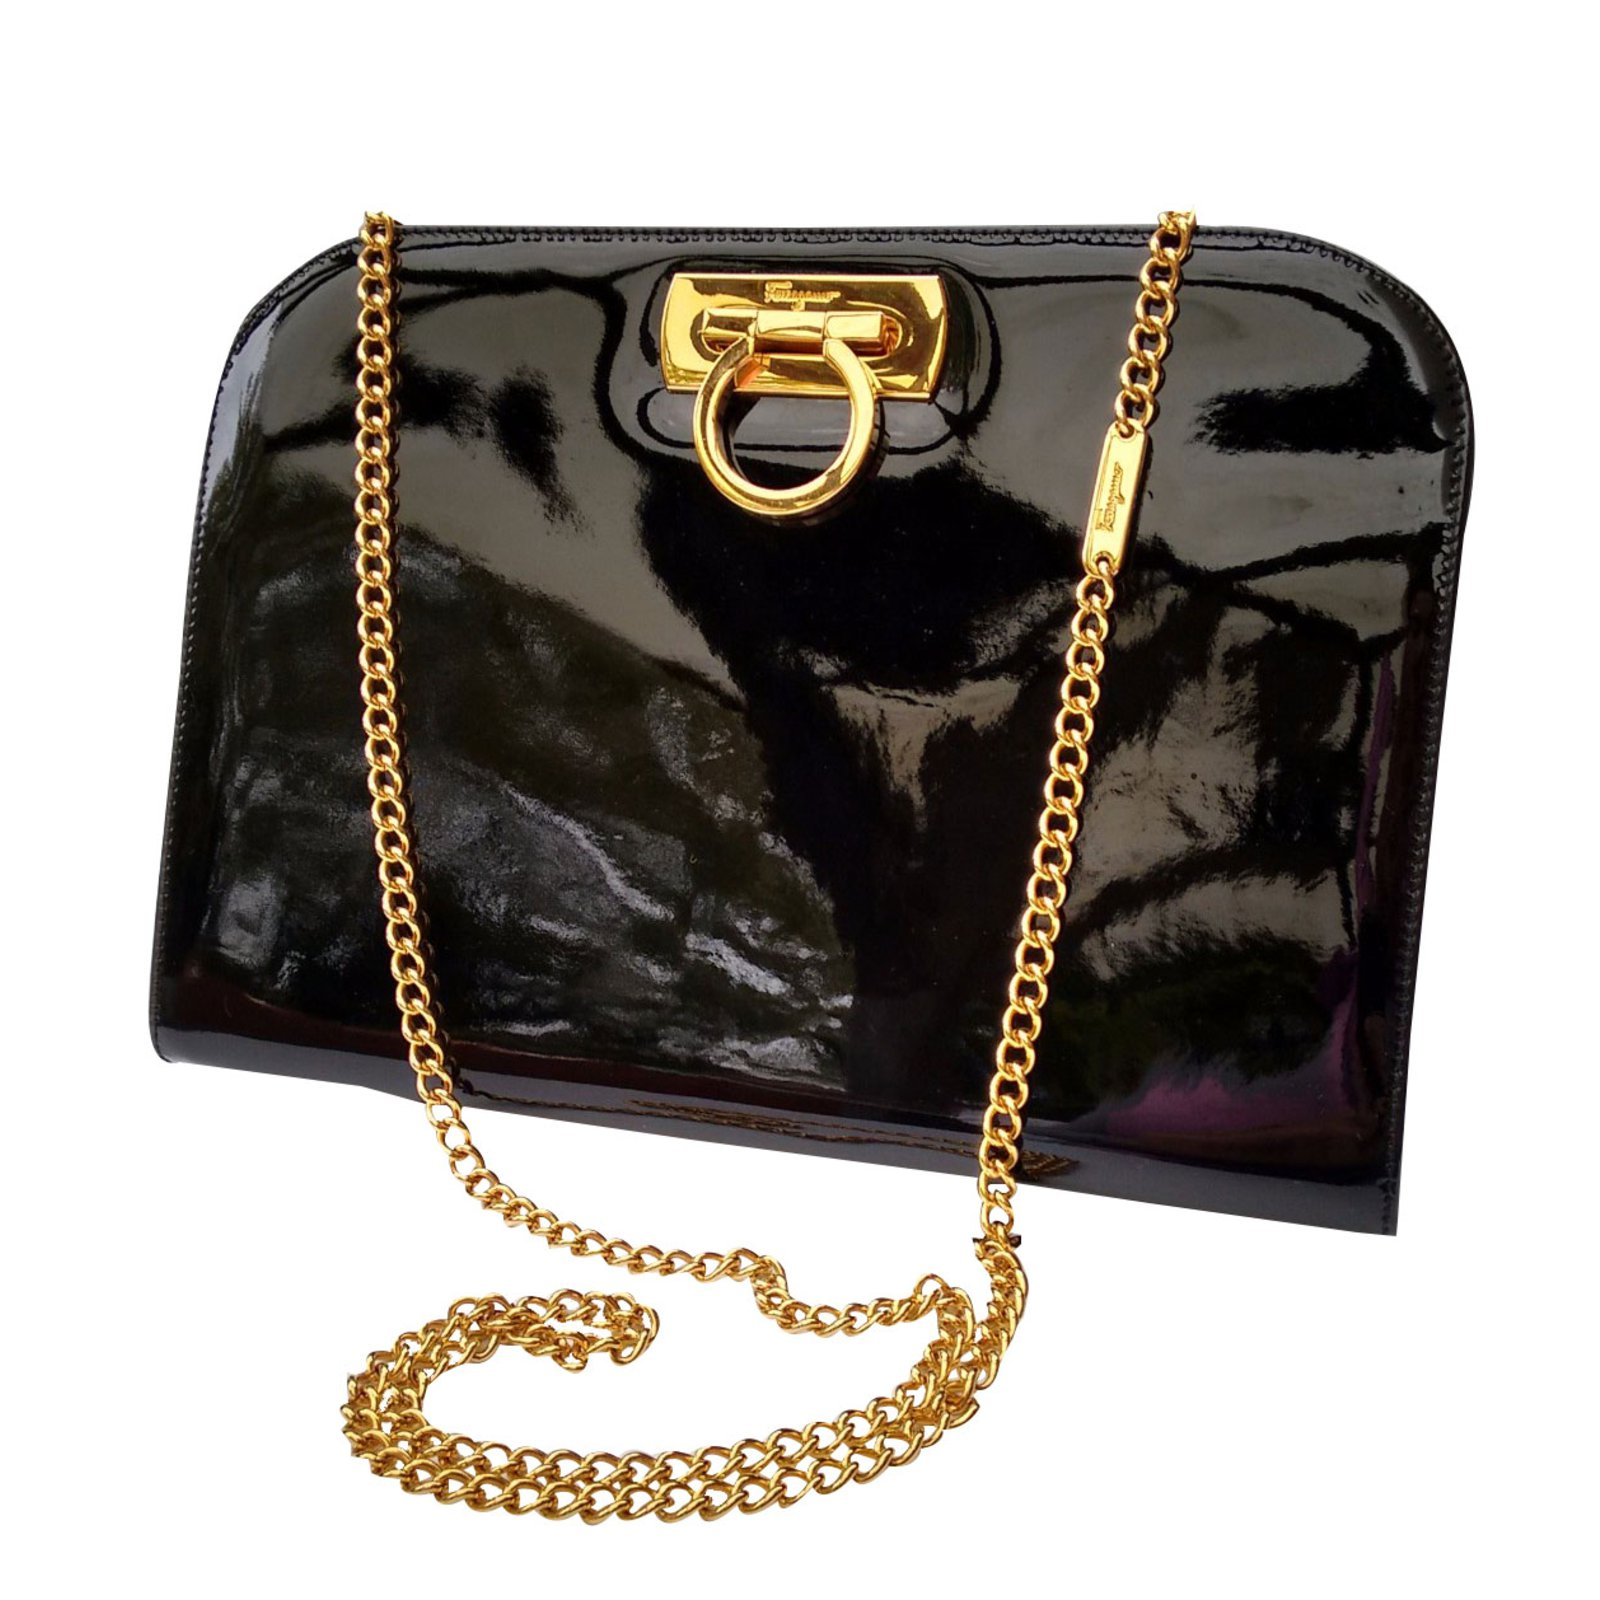 0e0bc17da Salvatore Ferragamo Handbag Handbags Patent leather Black ref.28496 ...